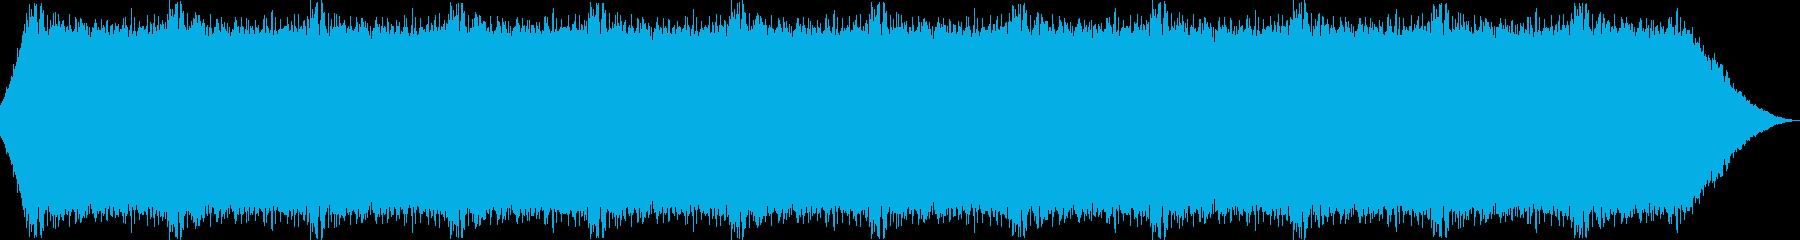 滝から勢いよく流れ落ちる水の音の再生済みの波形